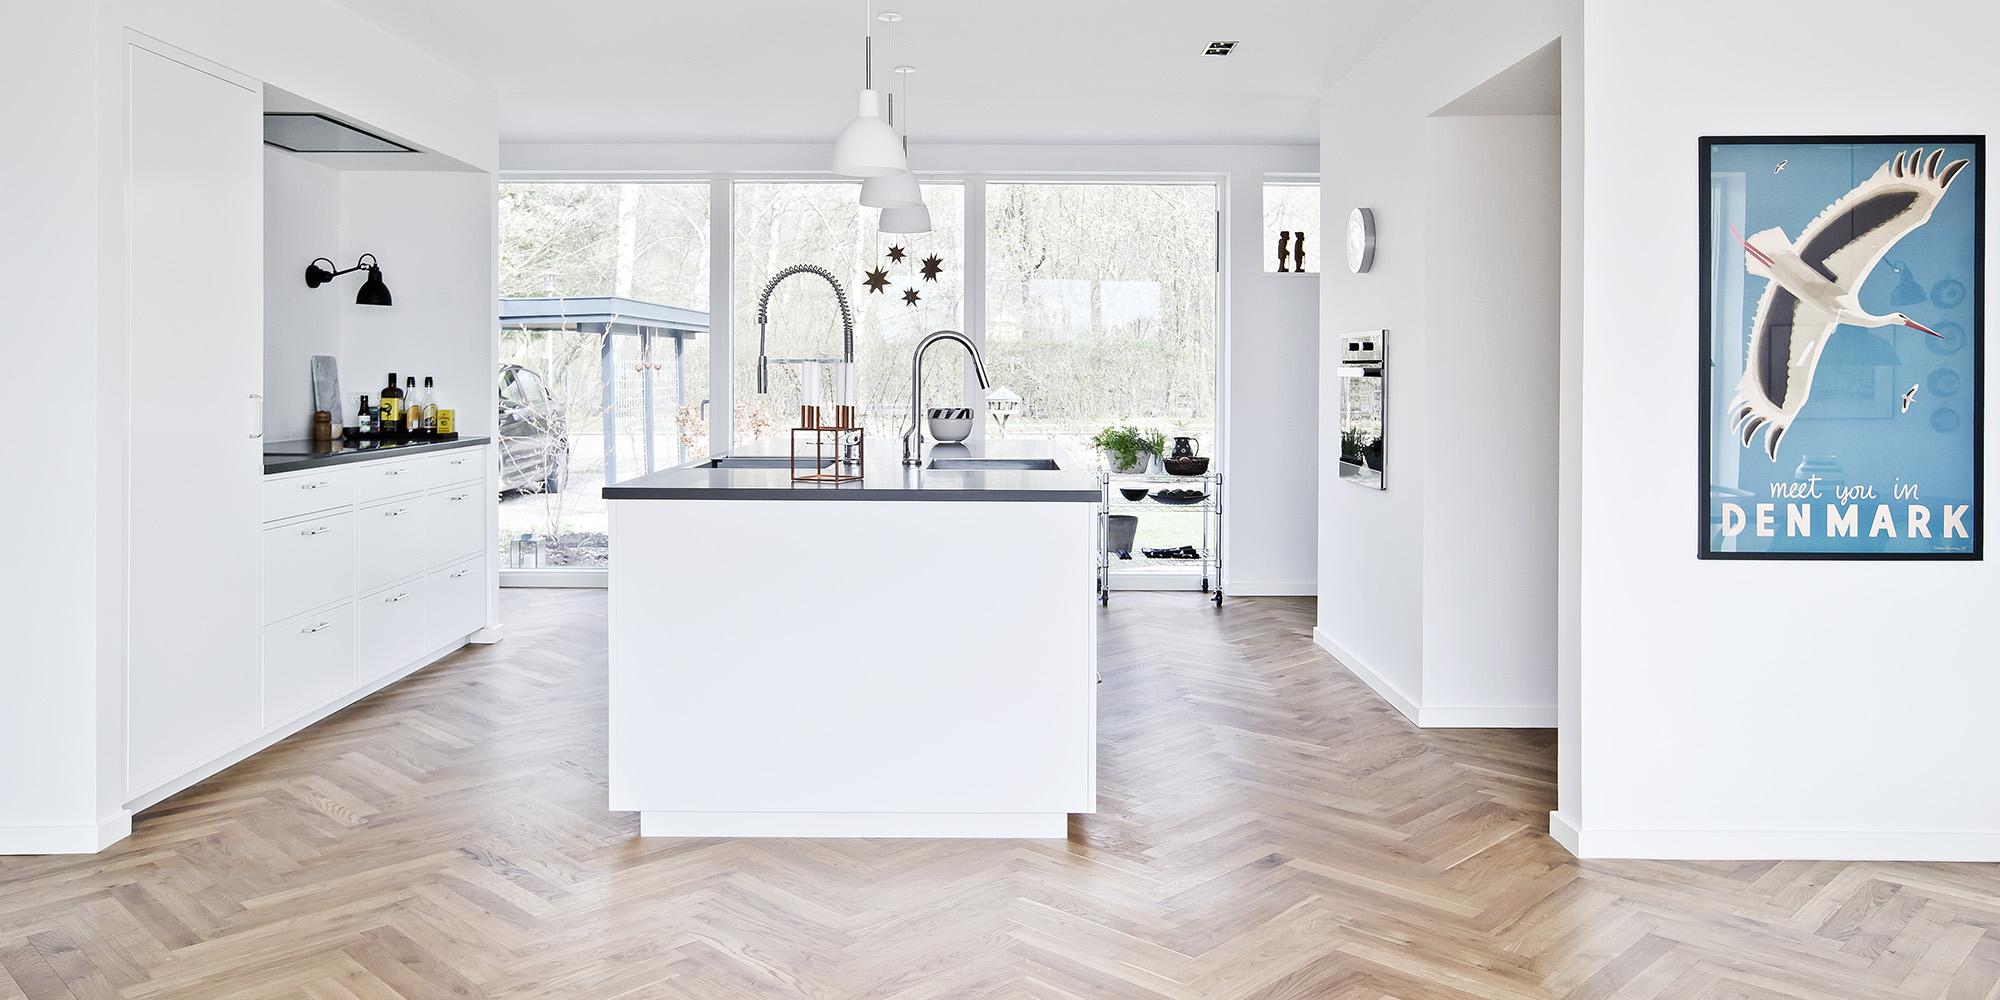 gulv i køkken